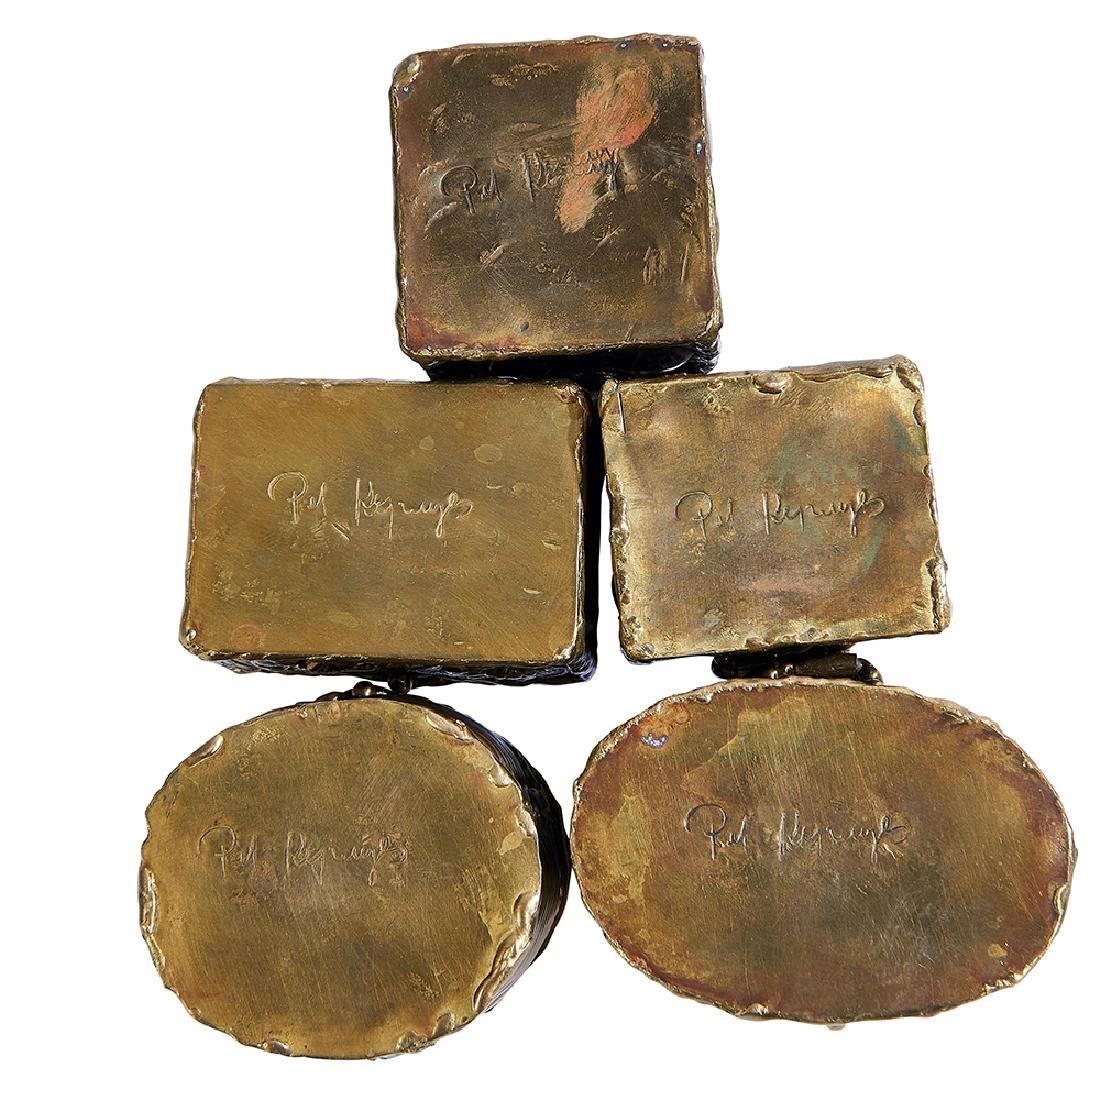 Pal Kepenyes boxes, set of five - 2